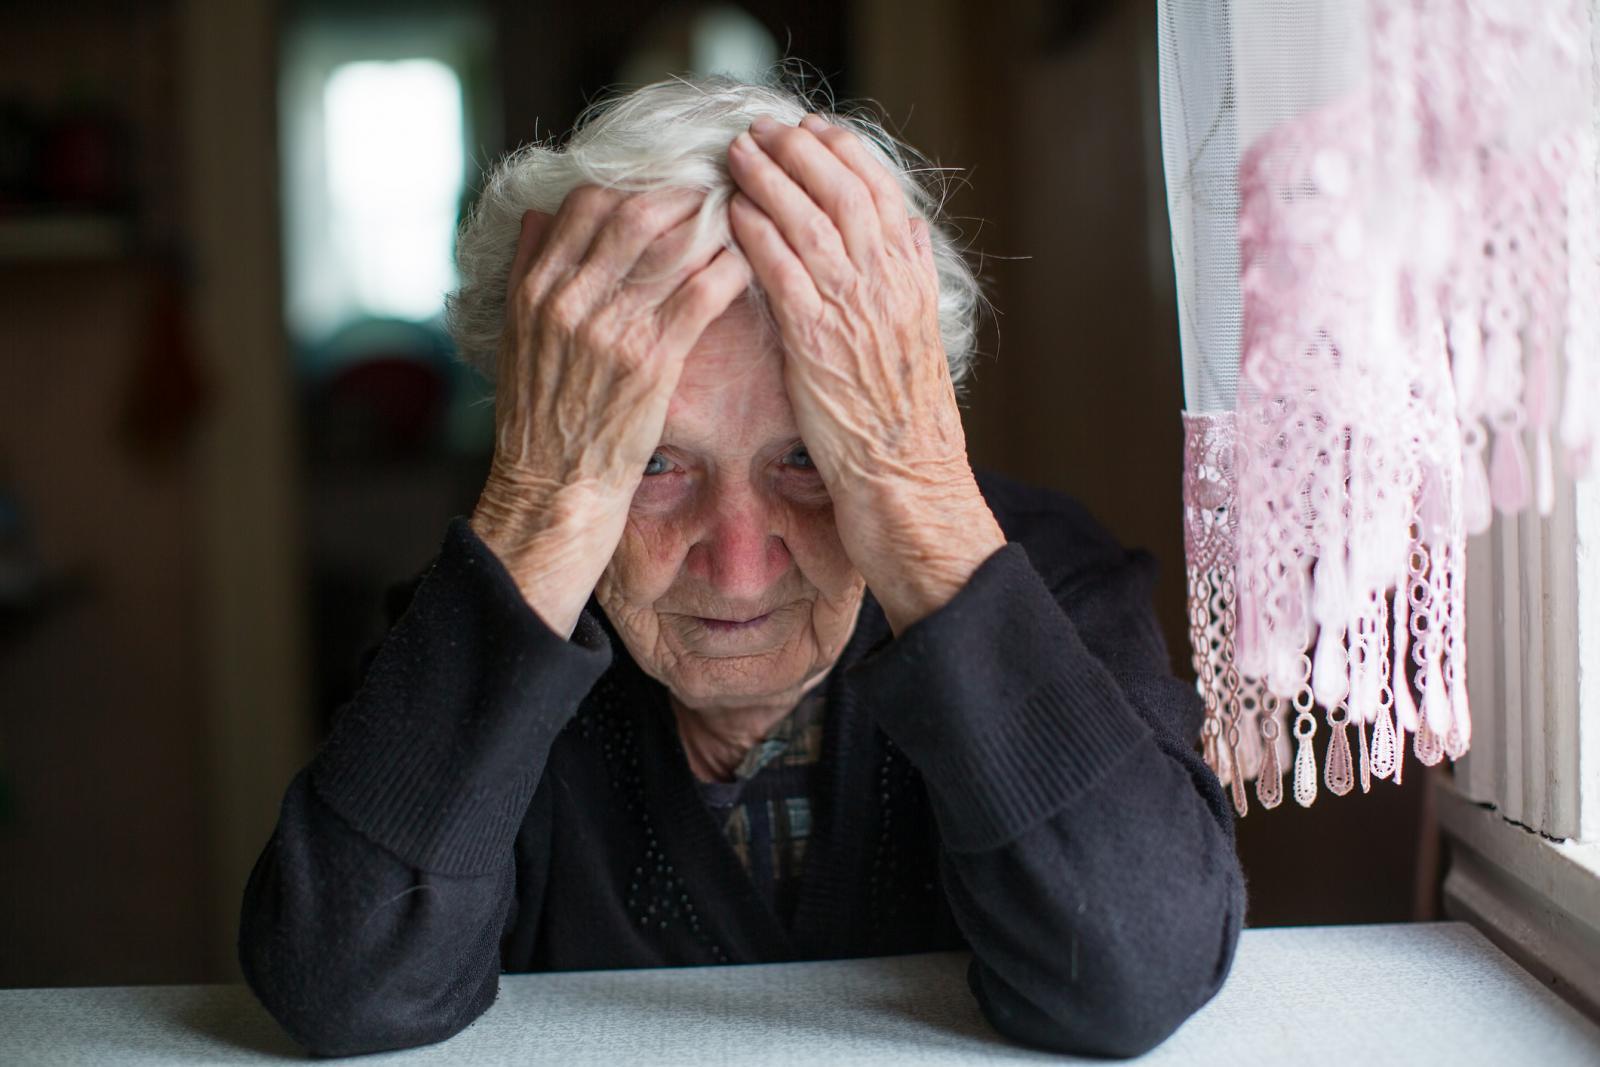 Брянец обманул калужских пенсионеров на 420 тысяч рублей